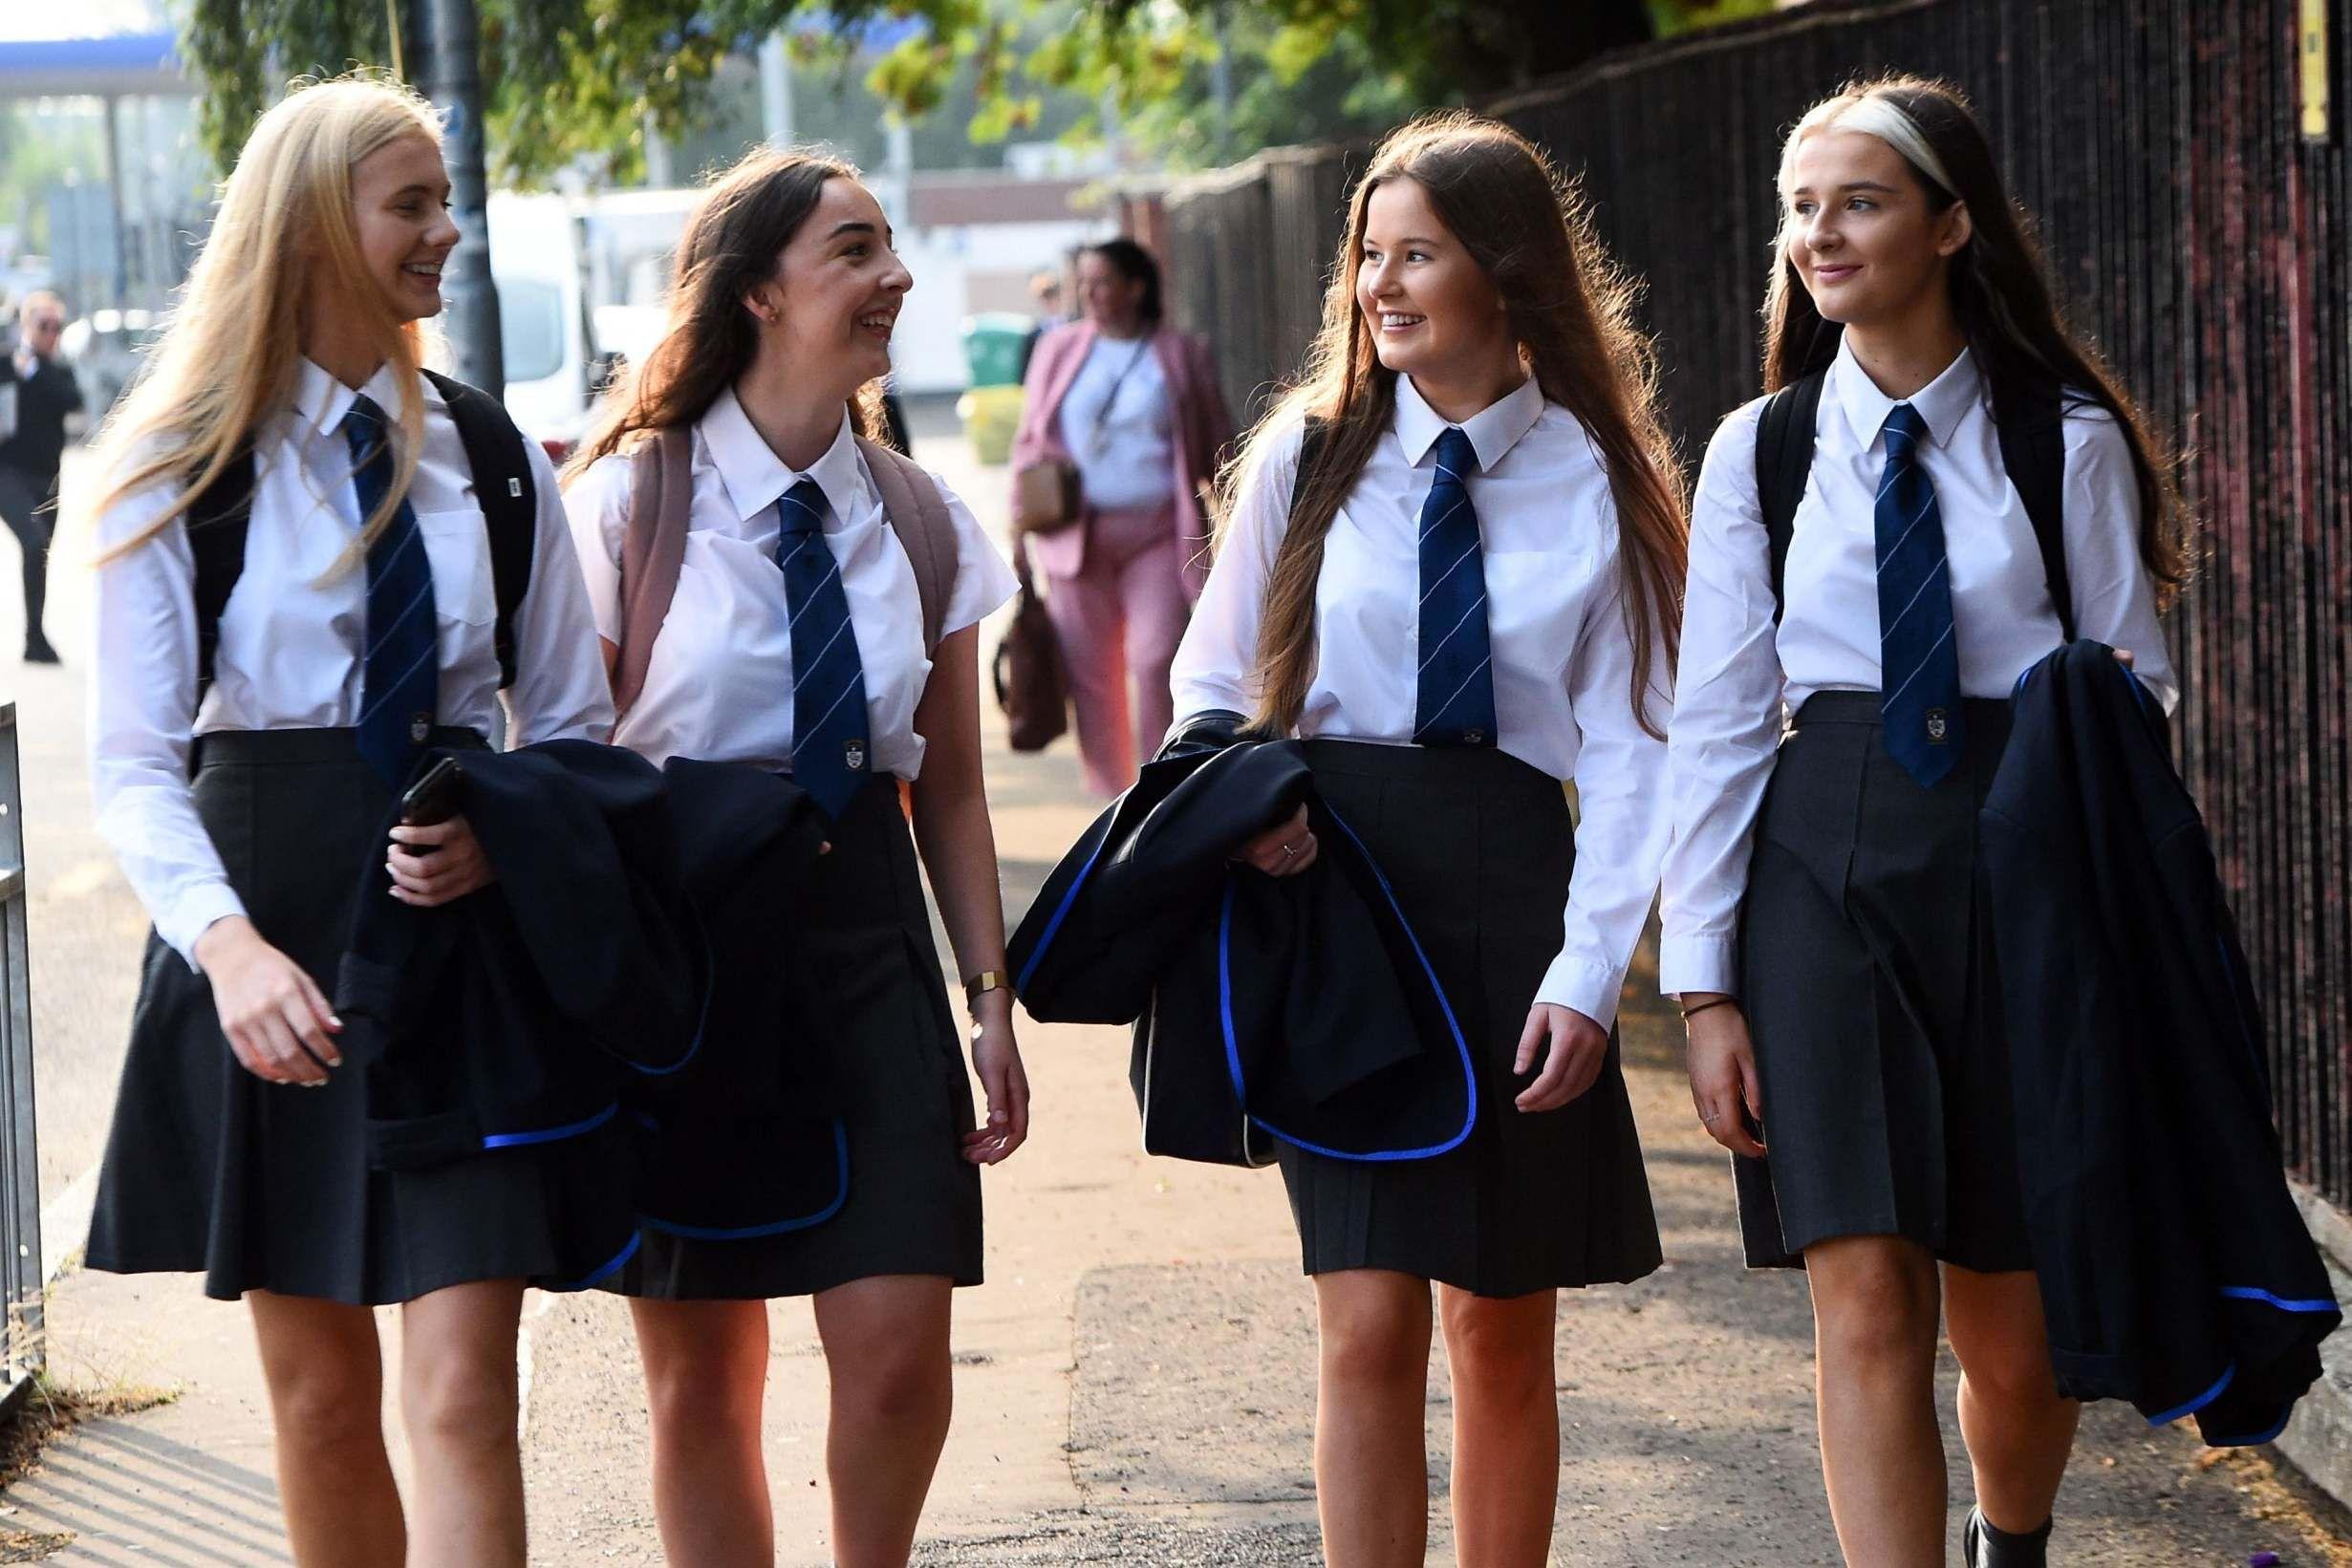 يتطلب العمل الحصول على شهادة الثانوية العامة Gcse وتأخير المستوى A Level حيث يستعد التلاميذ للعودة إلى الفصل الدراسي Gcse Teaching Time School Closures